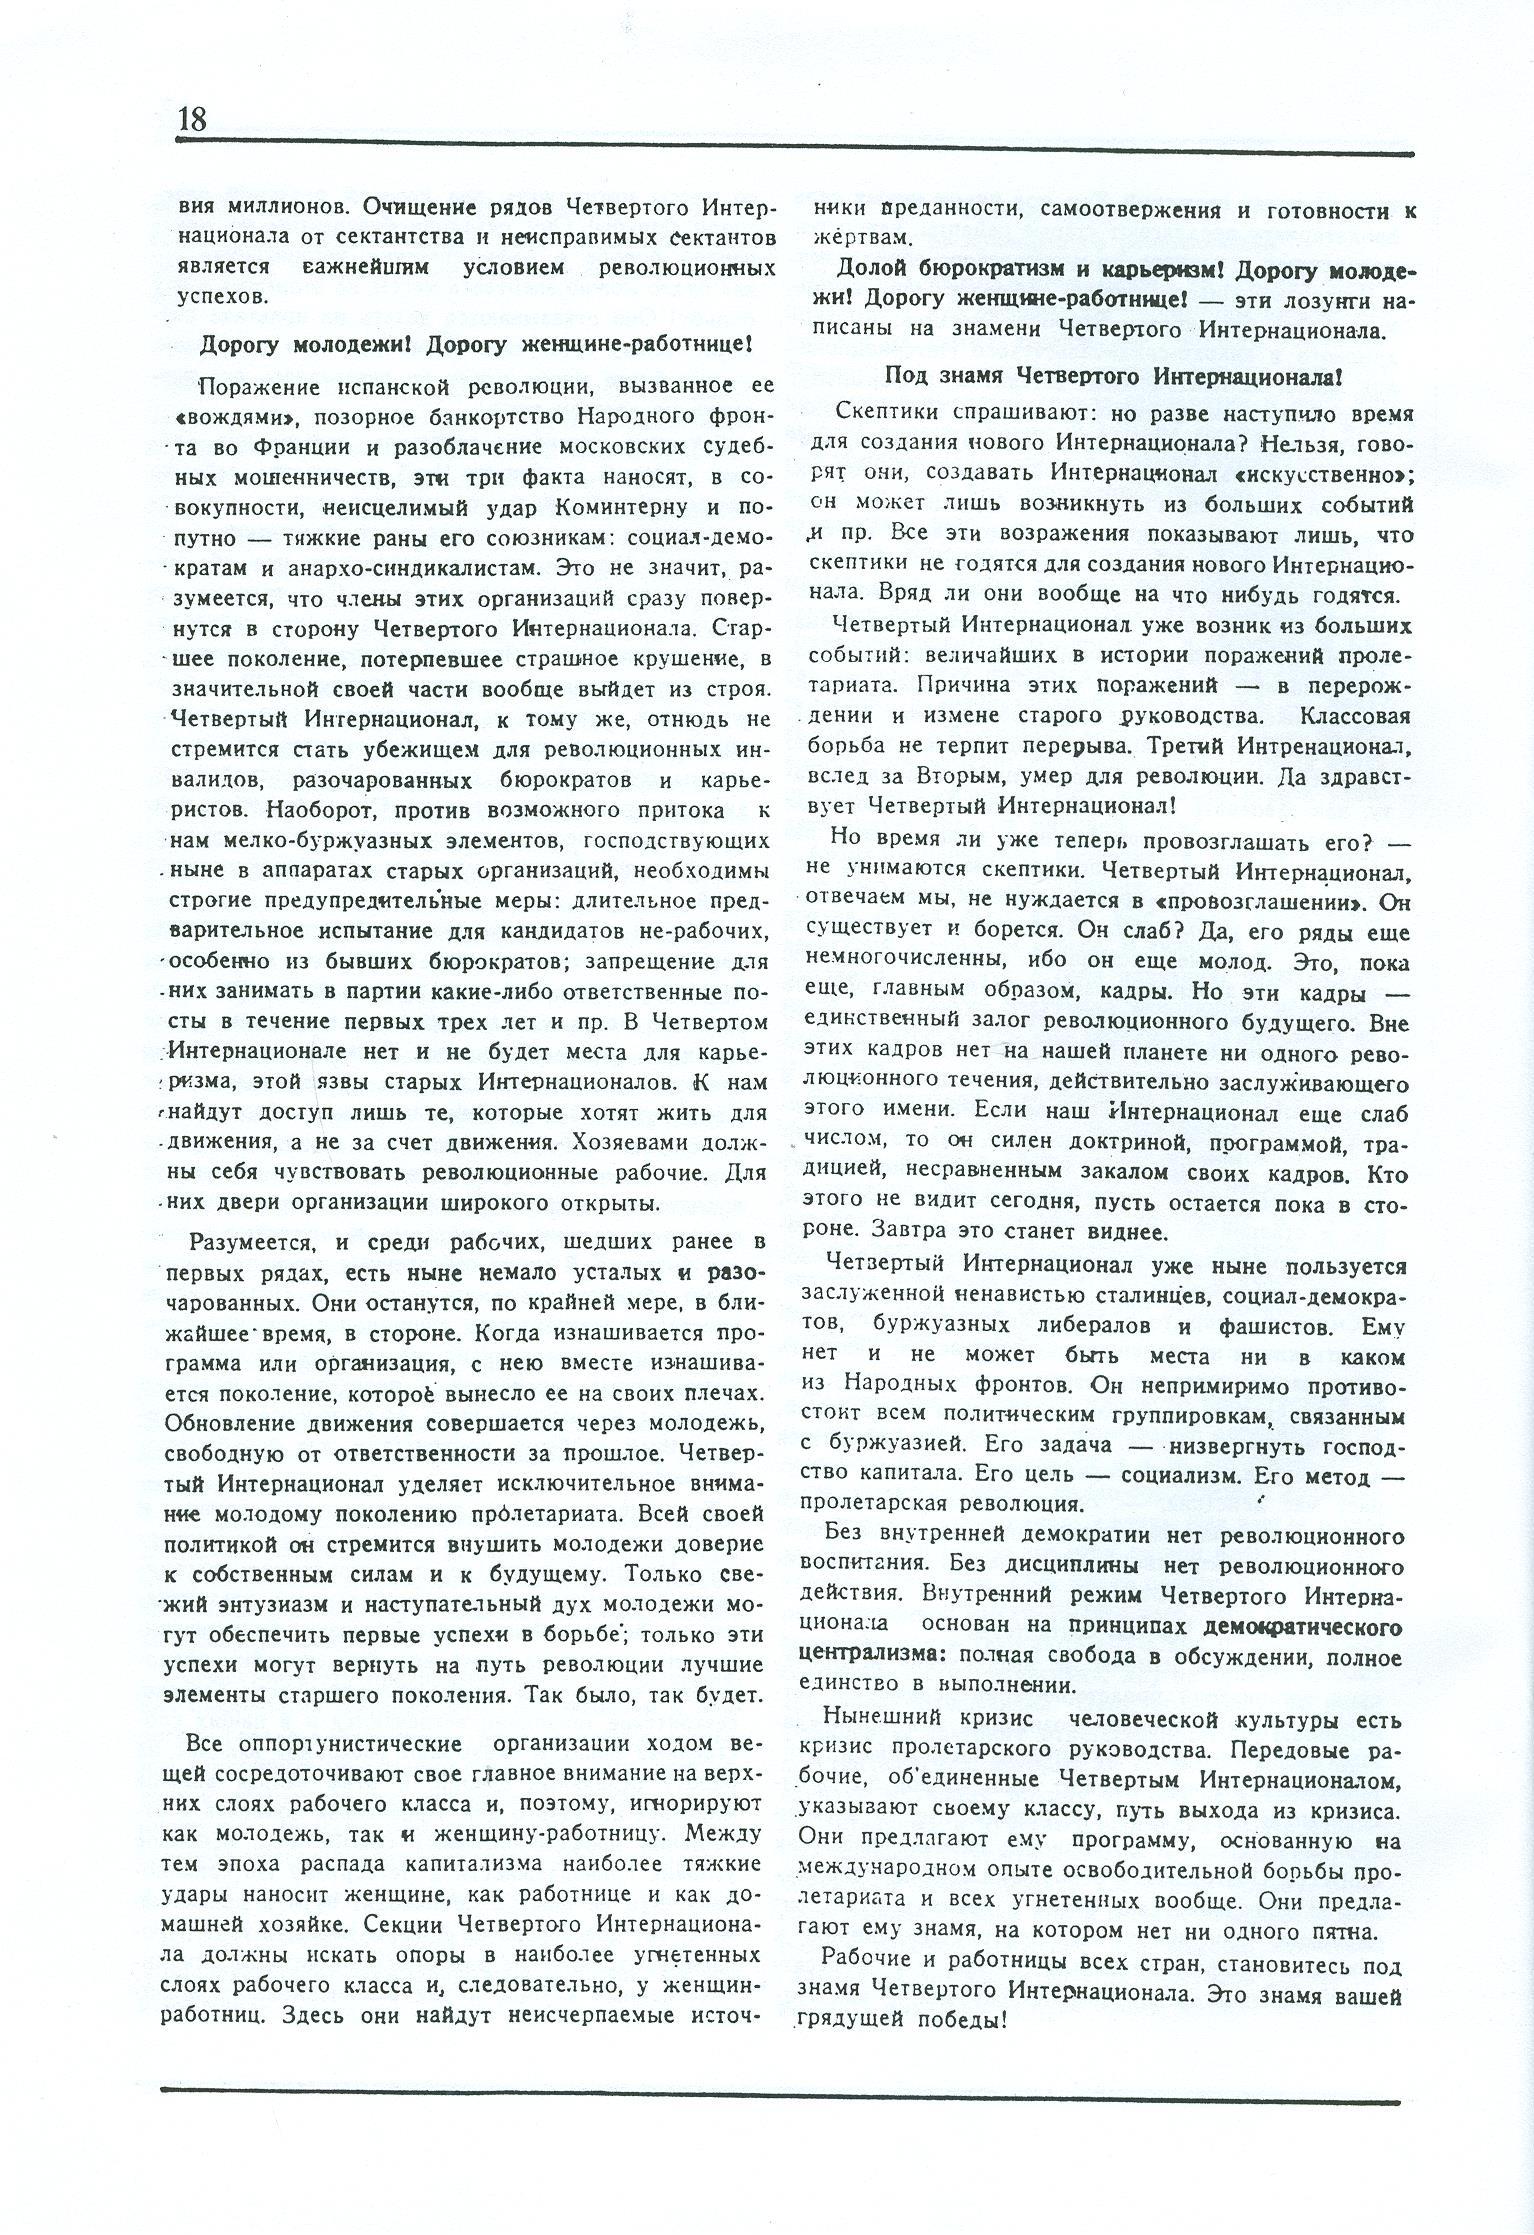 Dagli archivi del bolscevismo n. 1 (marzo 1986) - pag. 18